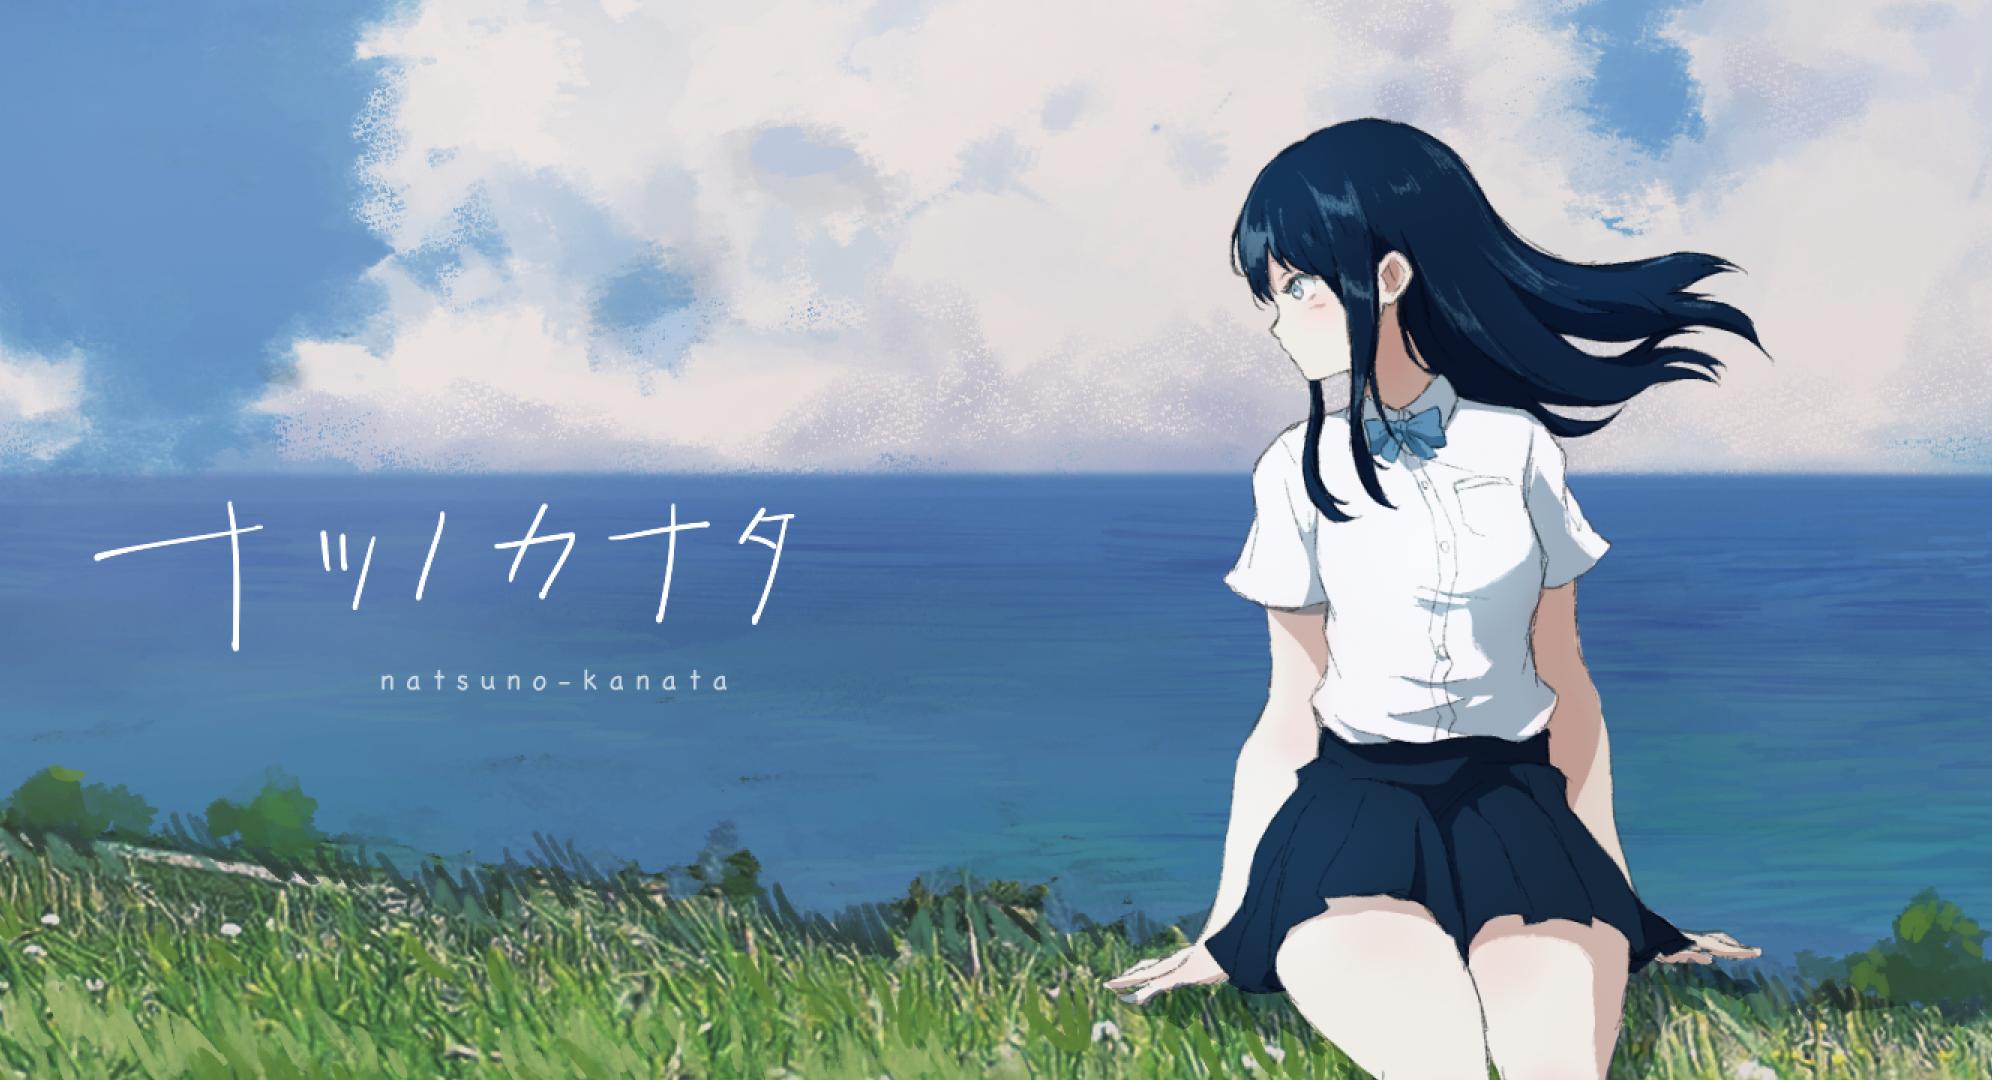 ナツノカナタ natsuno-kanata